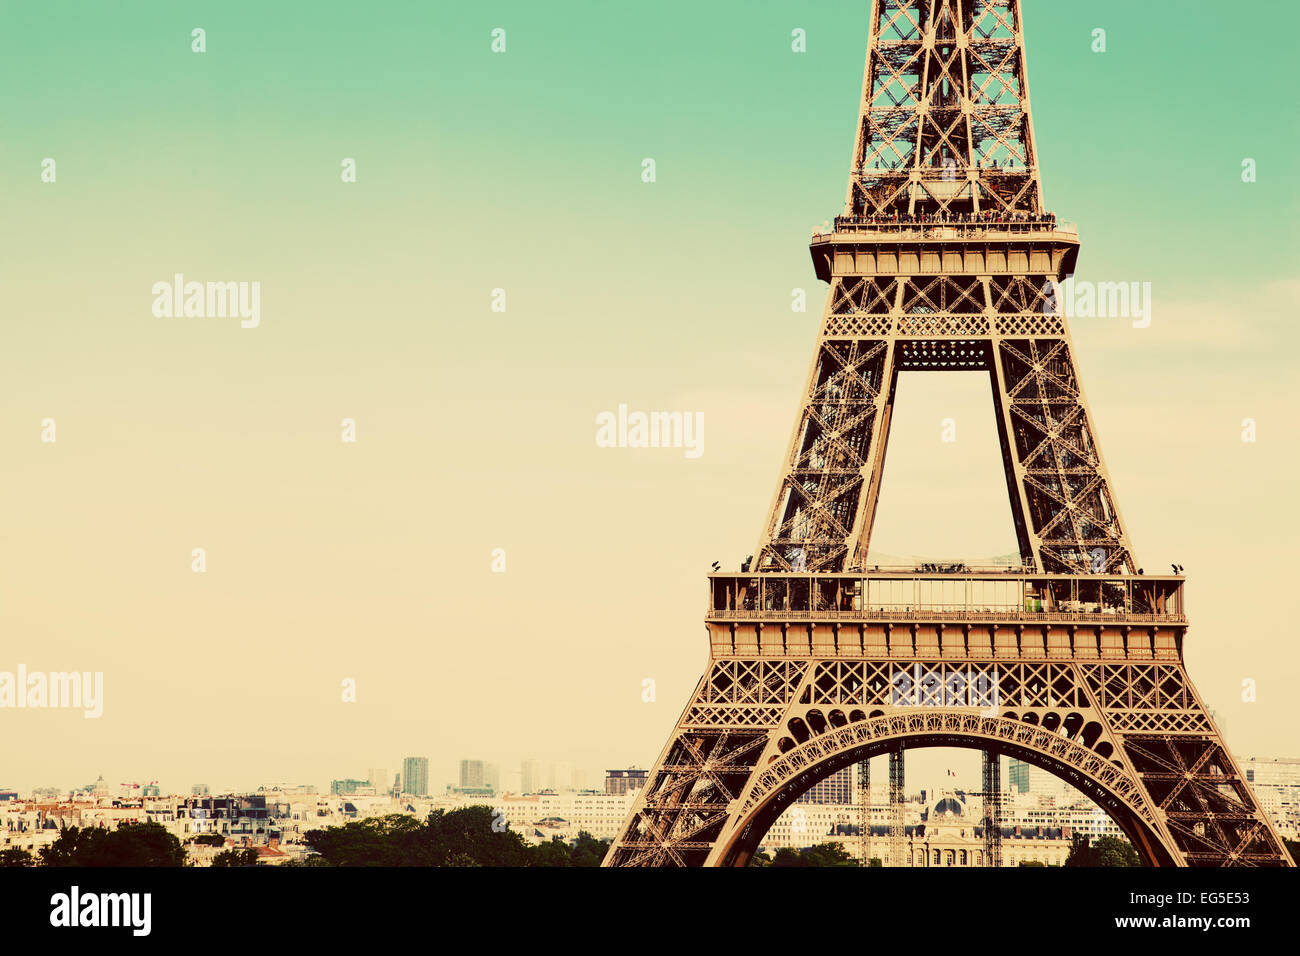 Au milieu de la partie de la Tour Eiffel, la ville en arrière-plan, Paris, France. Vintage, retro style Photo Stock